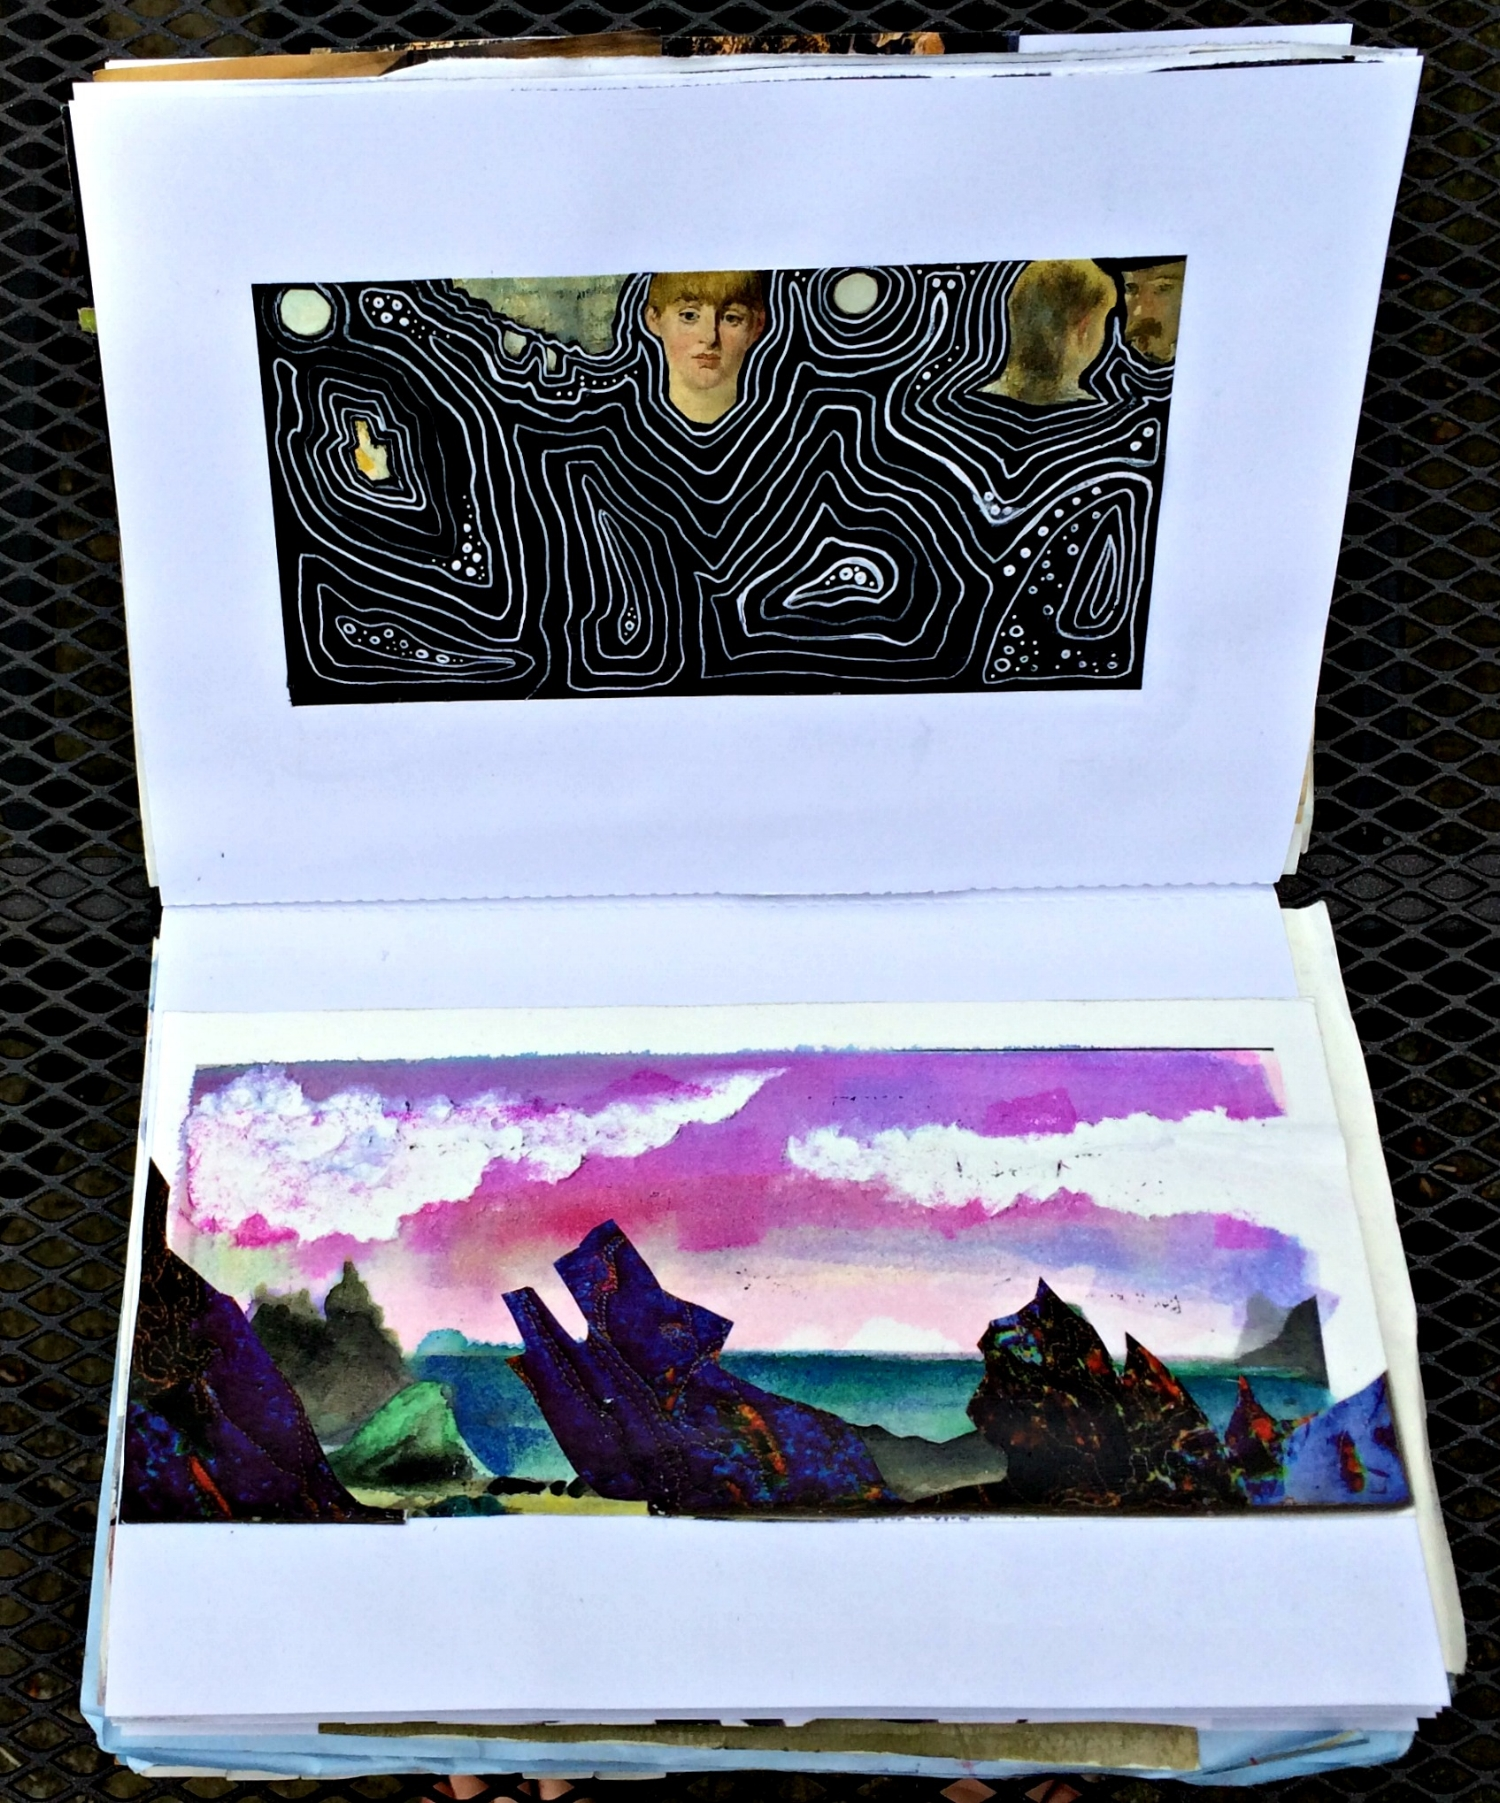 Altered Book (Japanese Flower Arranging): landscape, doodle, etc